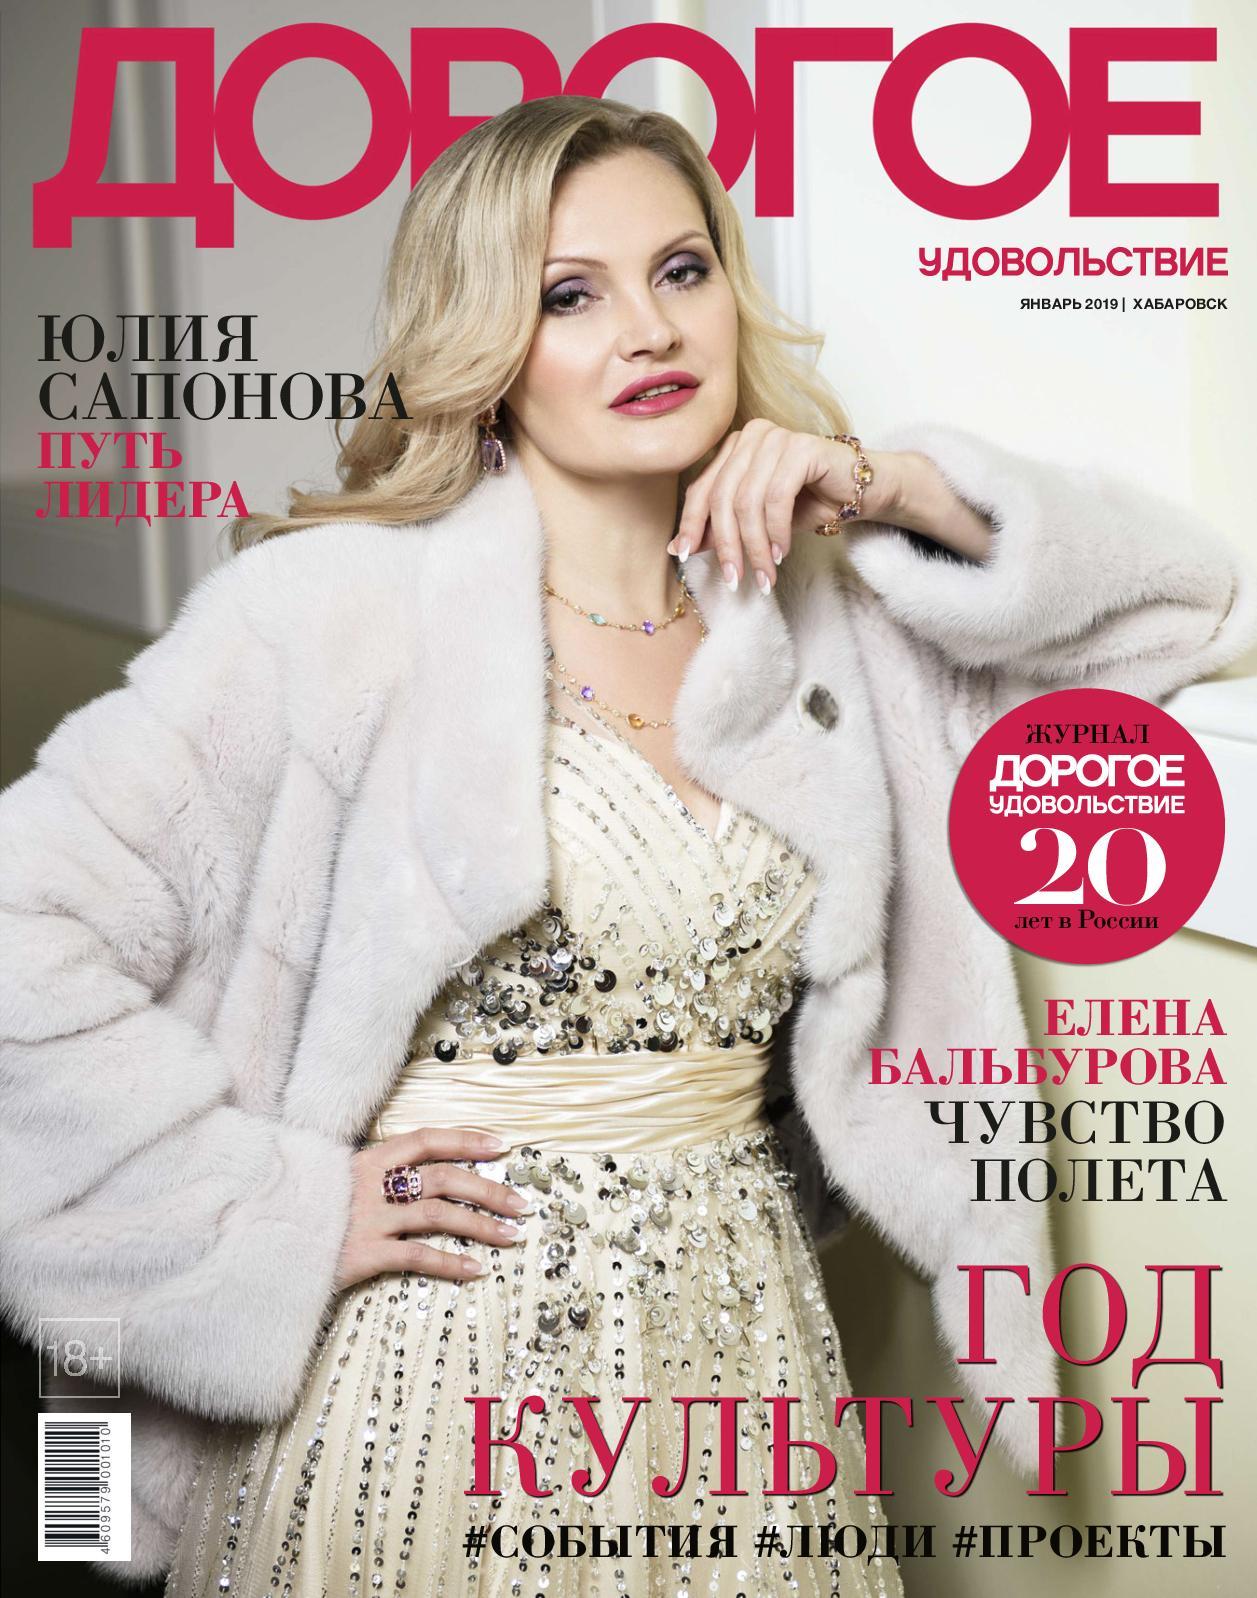 """Журнал """"Дорогое удовольствие"""" Хабаровск Январь 2019"""